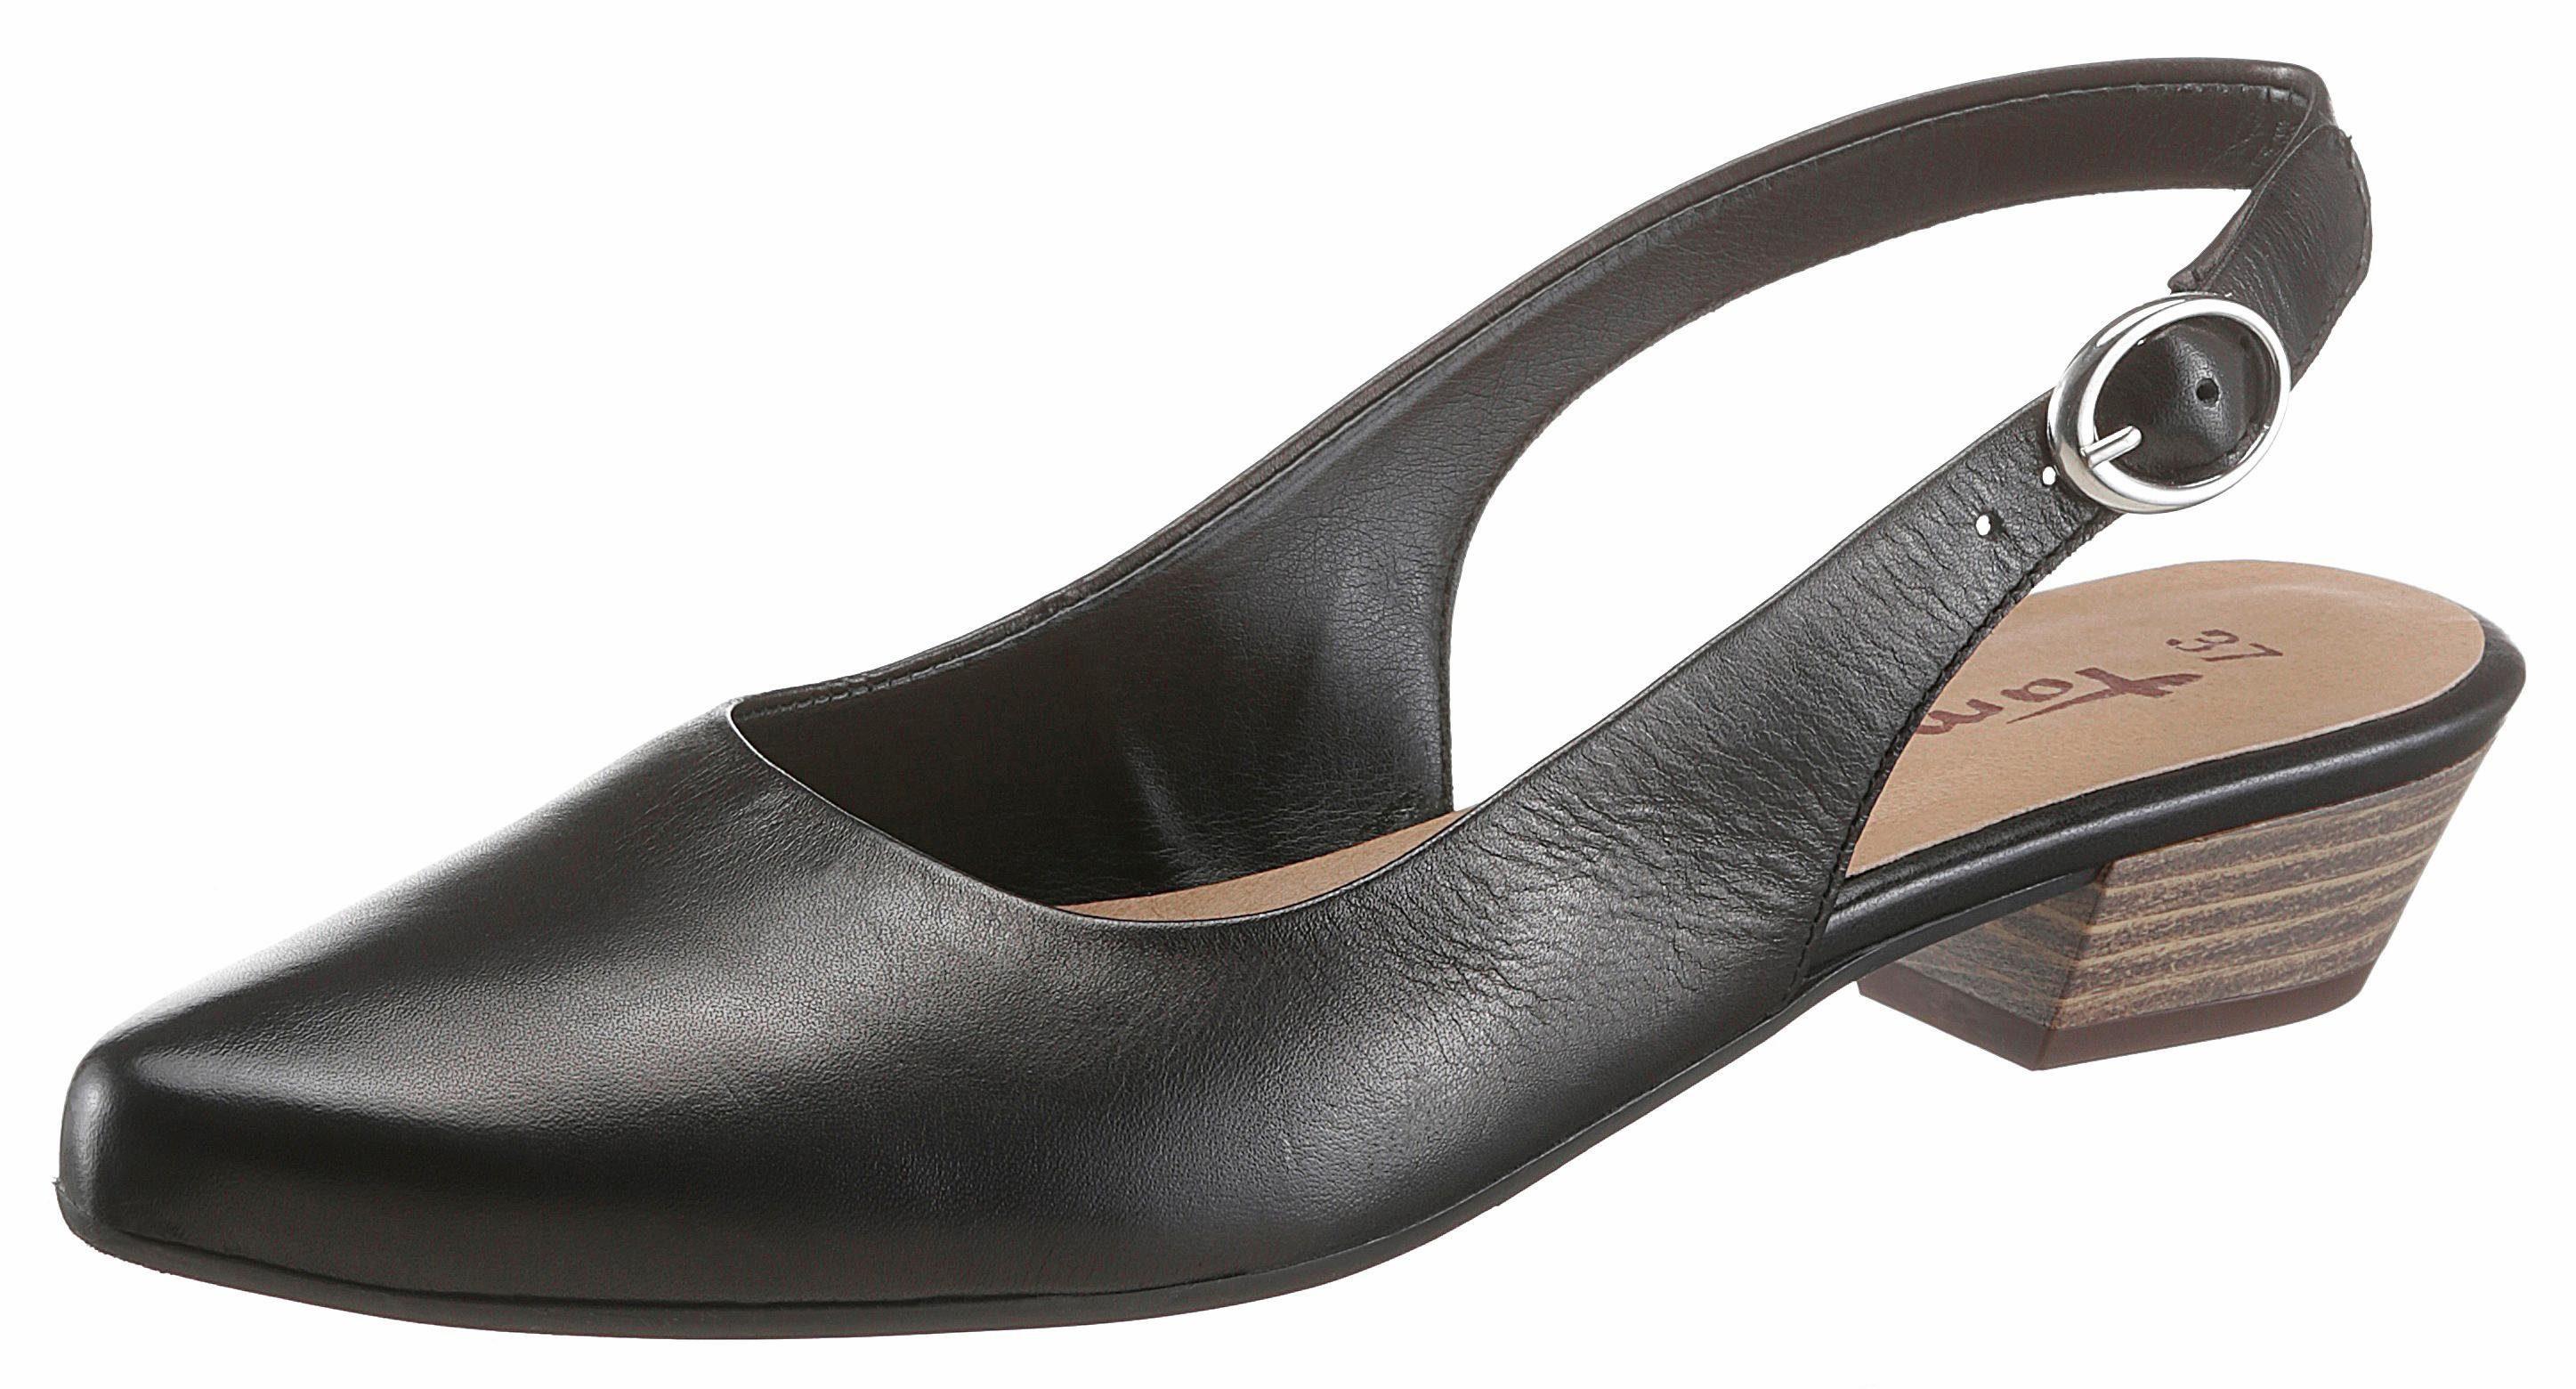 Tamaris Chaussures Noires À Talon Bloc Avec Boucle Pour Dames kRVzjOIE